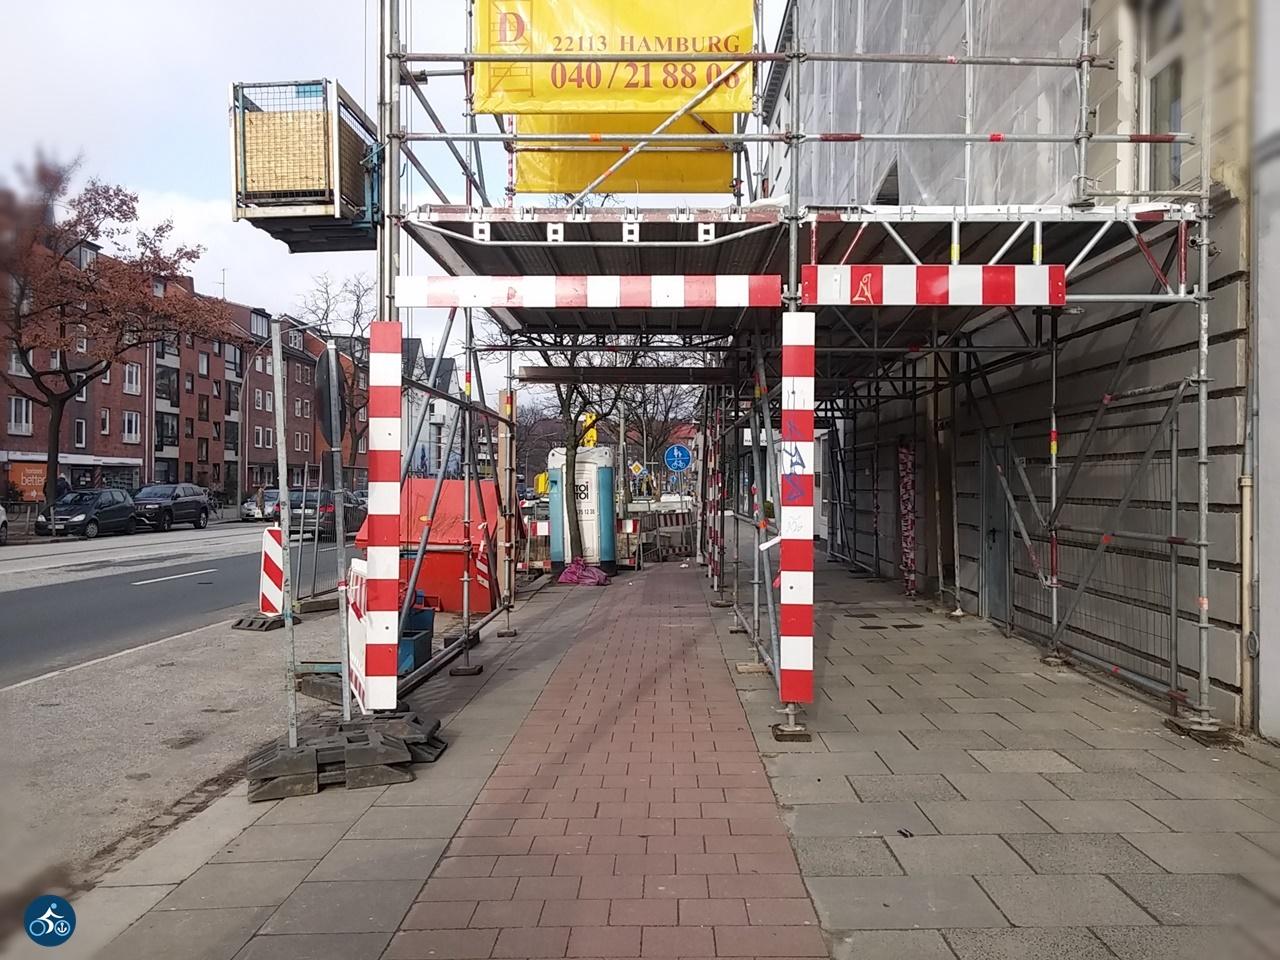 Unklar, was sich am Ende der Baustellenführung befindet.